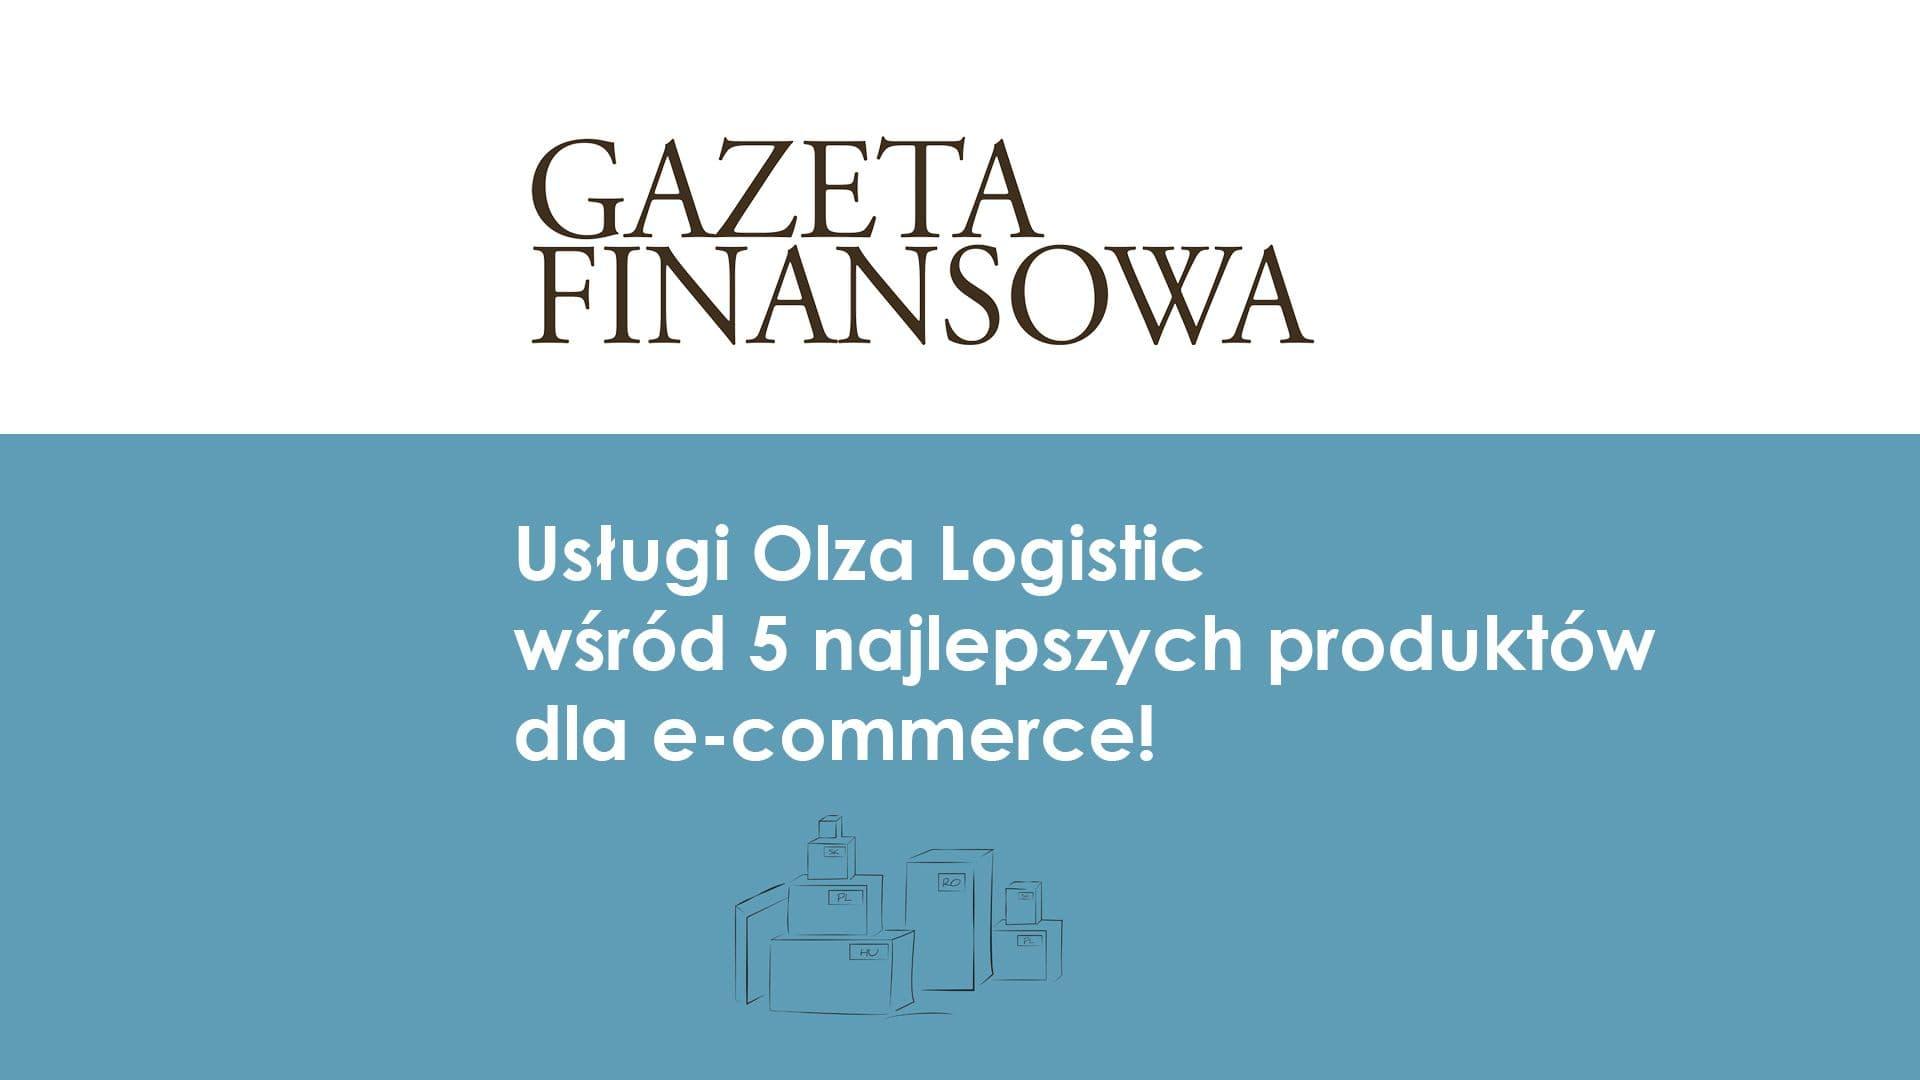 Usługi Olza Logistic wyróżnione przez Gazetę Finansową!